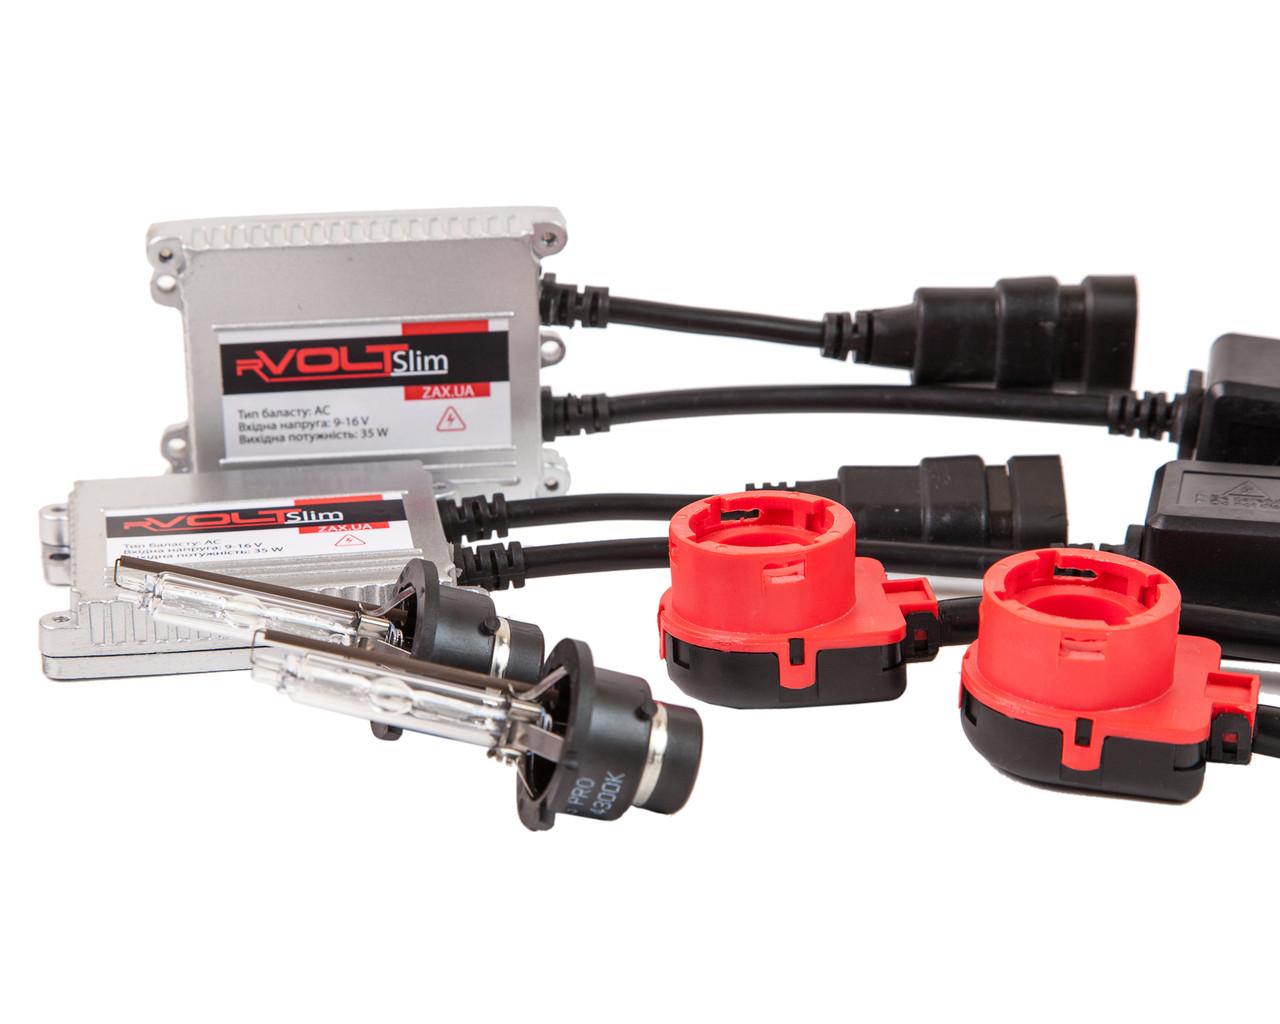 Комплект ксенона rVolt slim 35W 9-16V D2S Pro 6000K